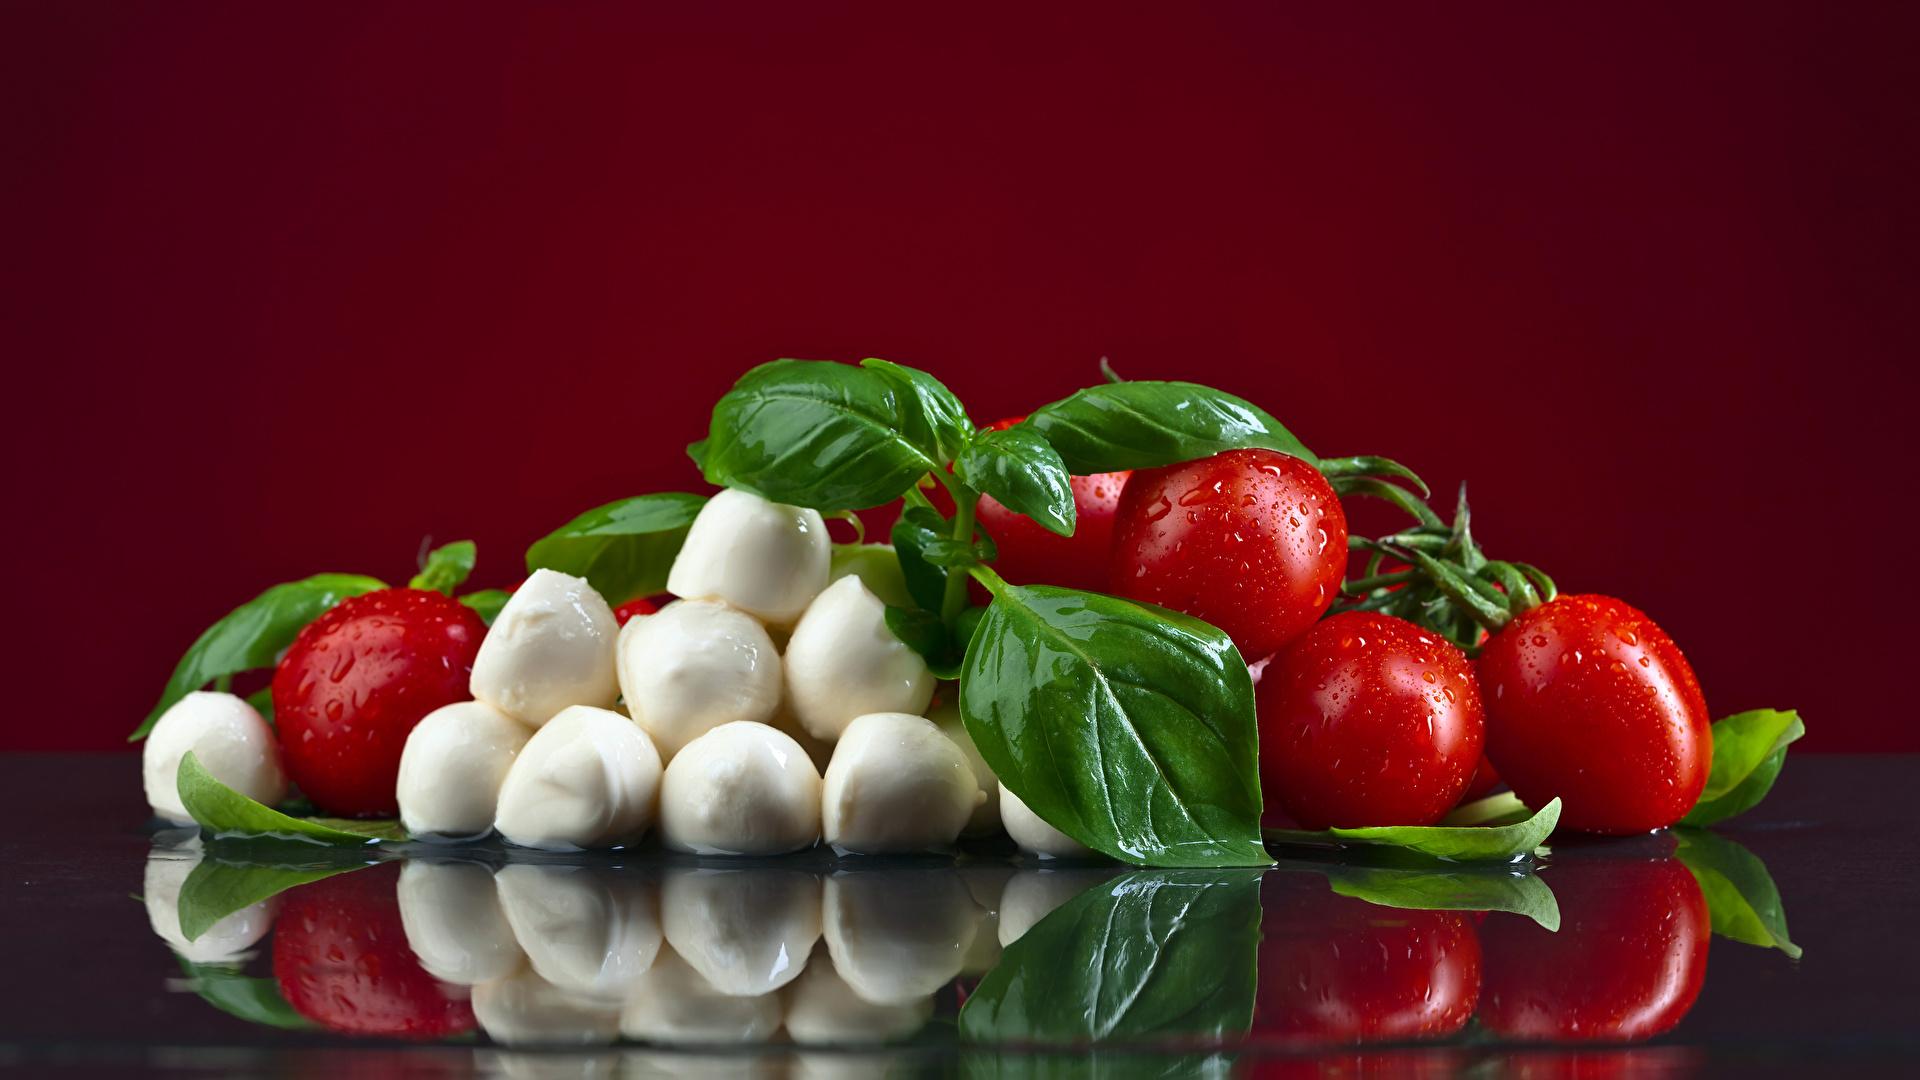 Foto Blattwerk Tomate Käse Tropfen Lebensmittel Farbigen hintergrund 1920x1080 Blatt